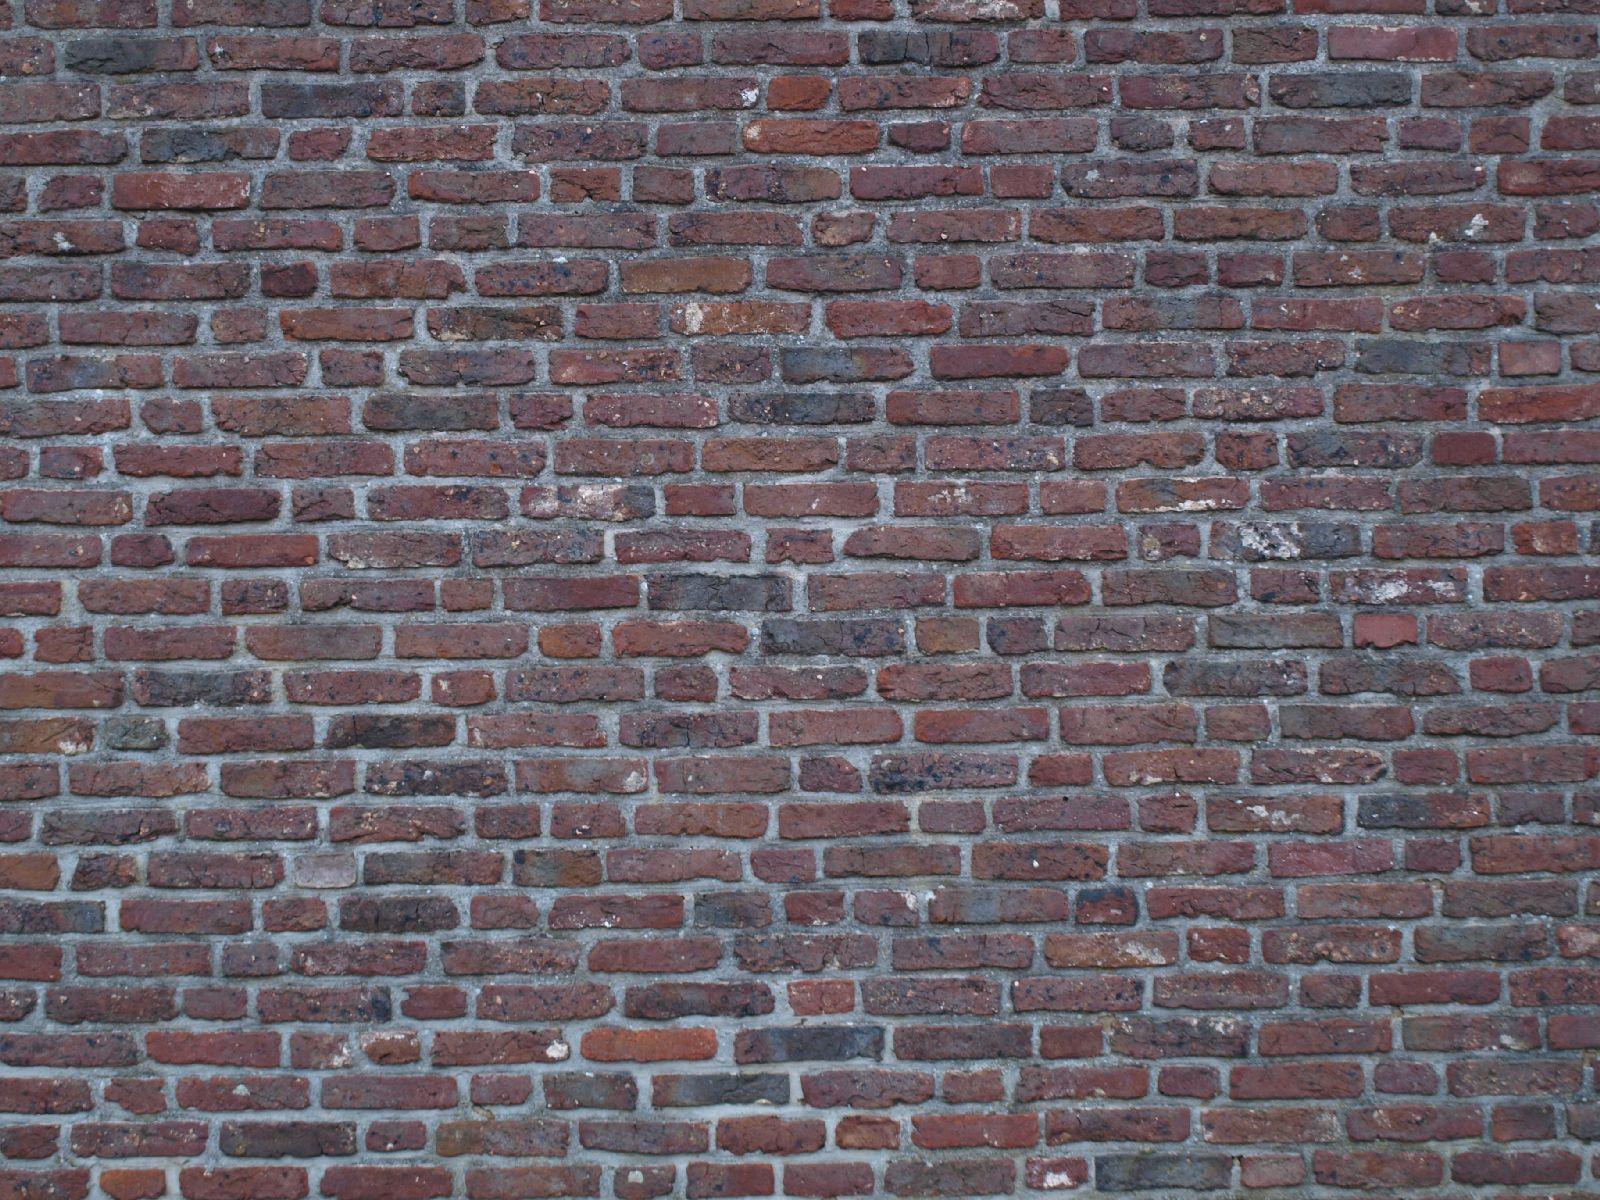 Brick_Texture_A_P1018667